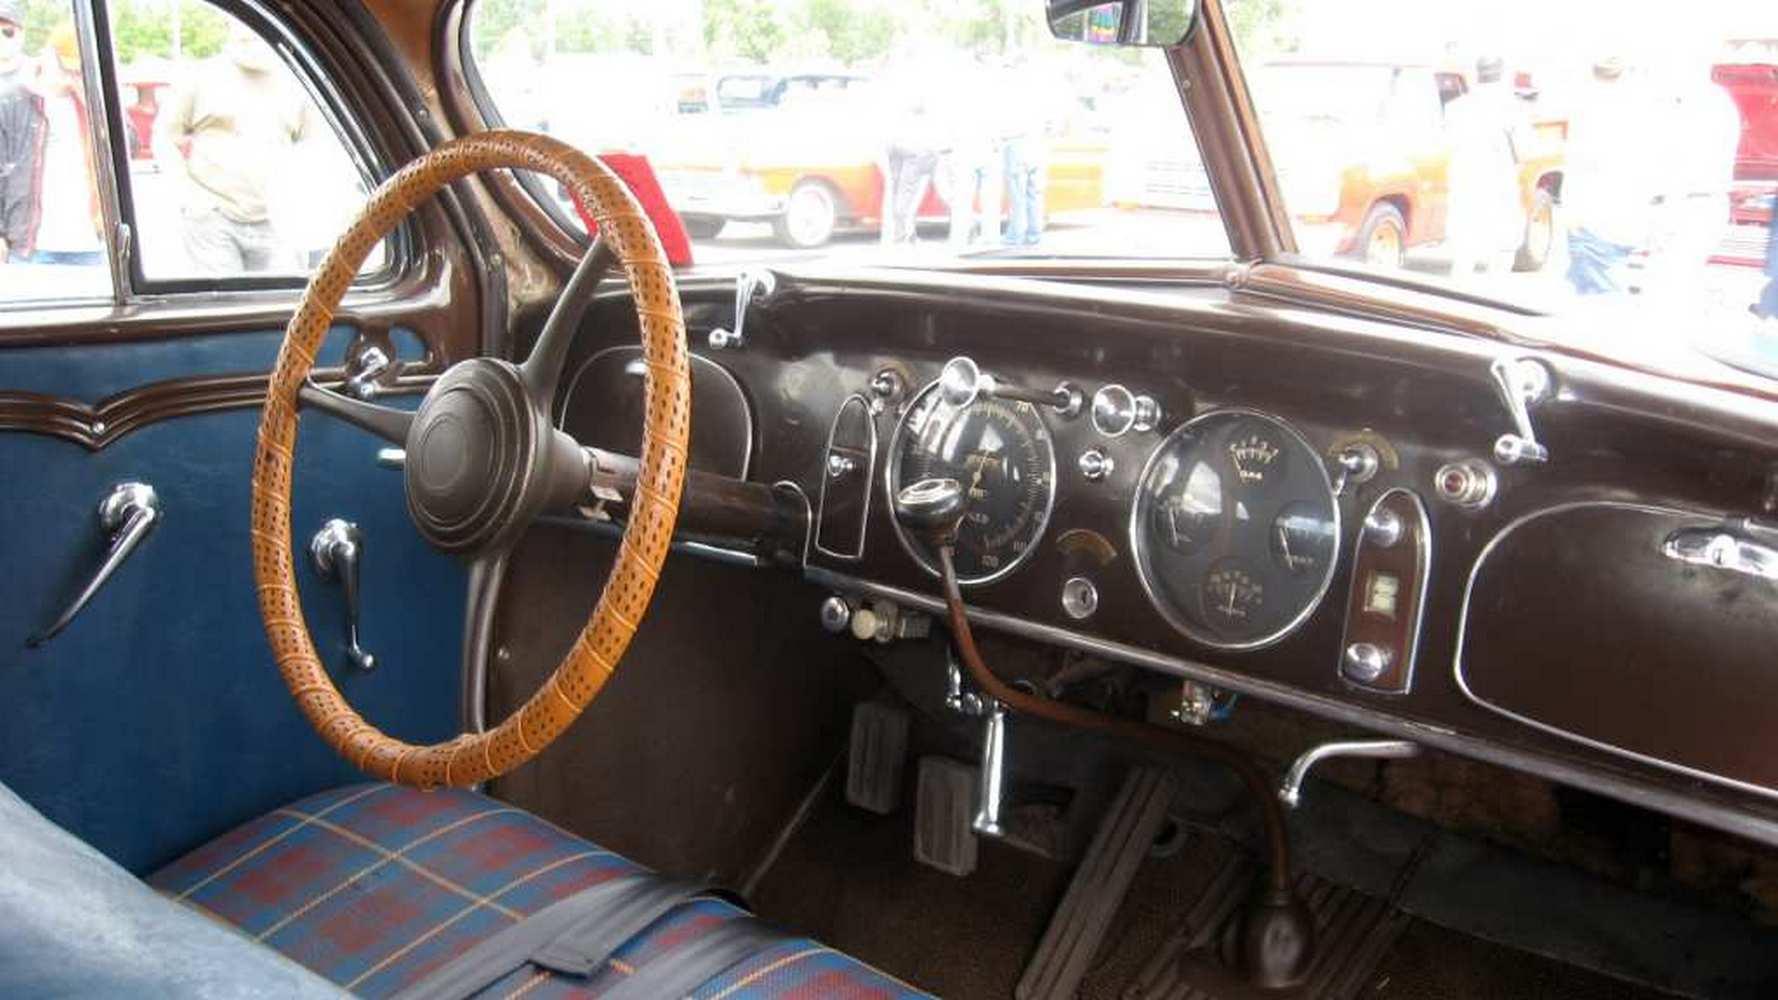 Chrysler - marka założona przez maszynistę